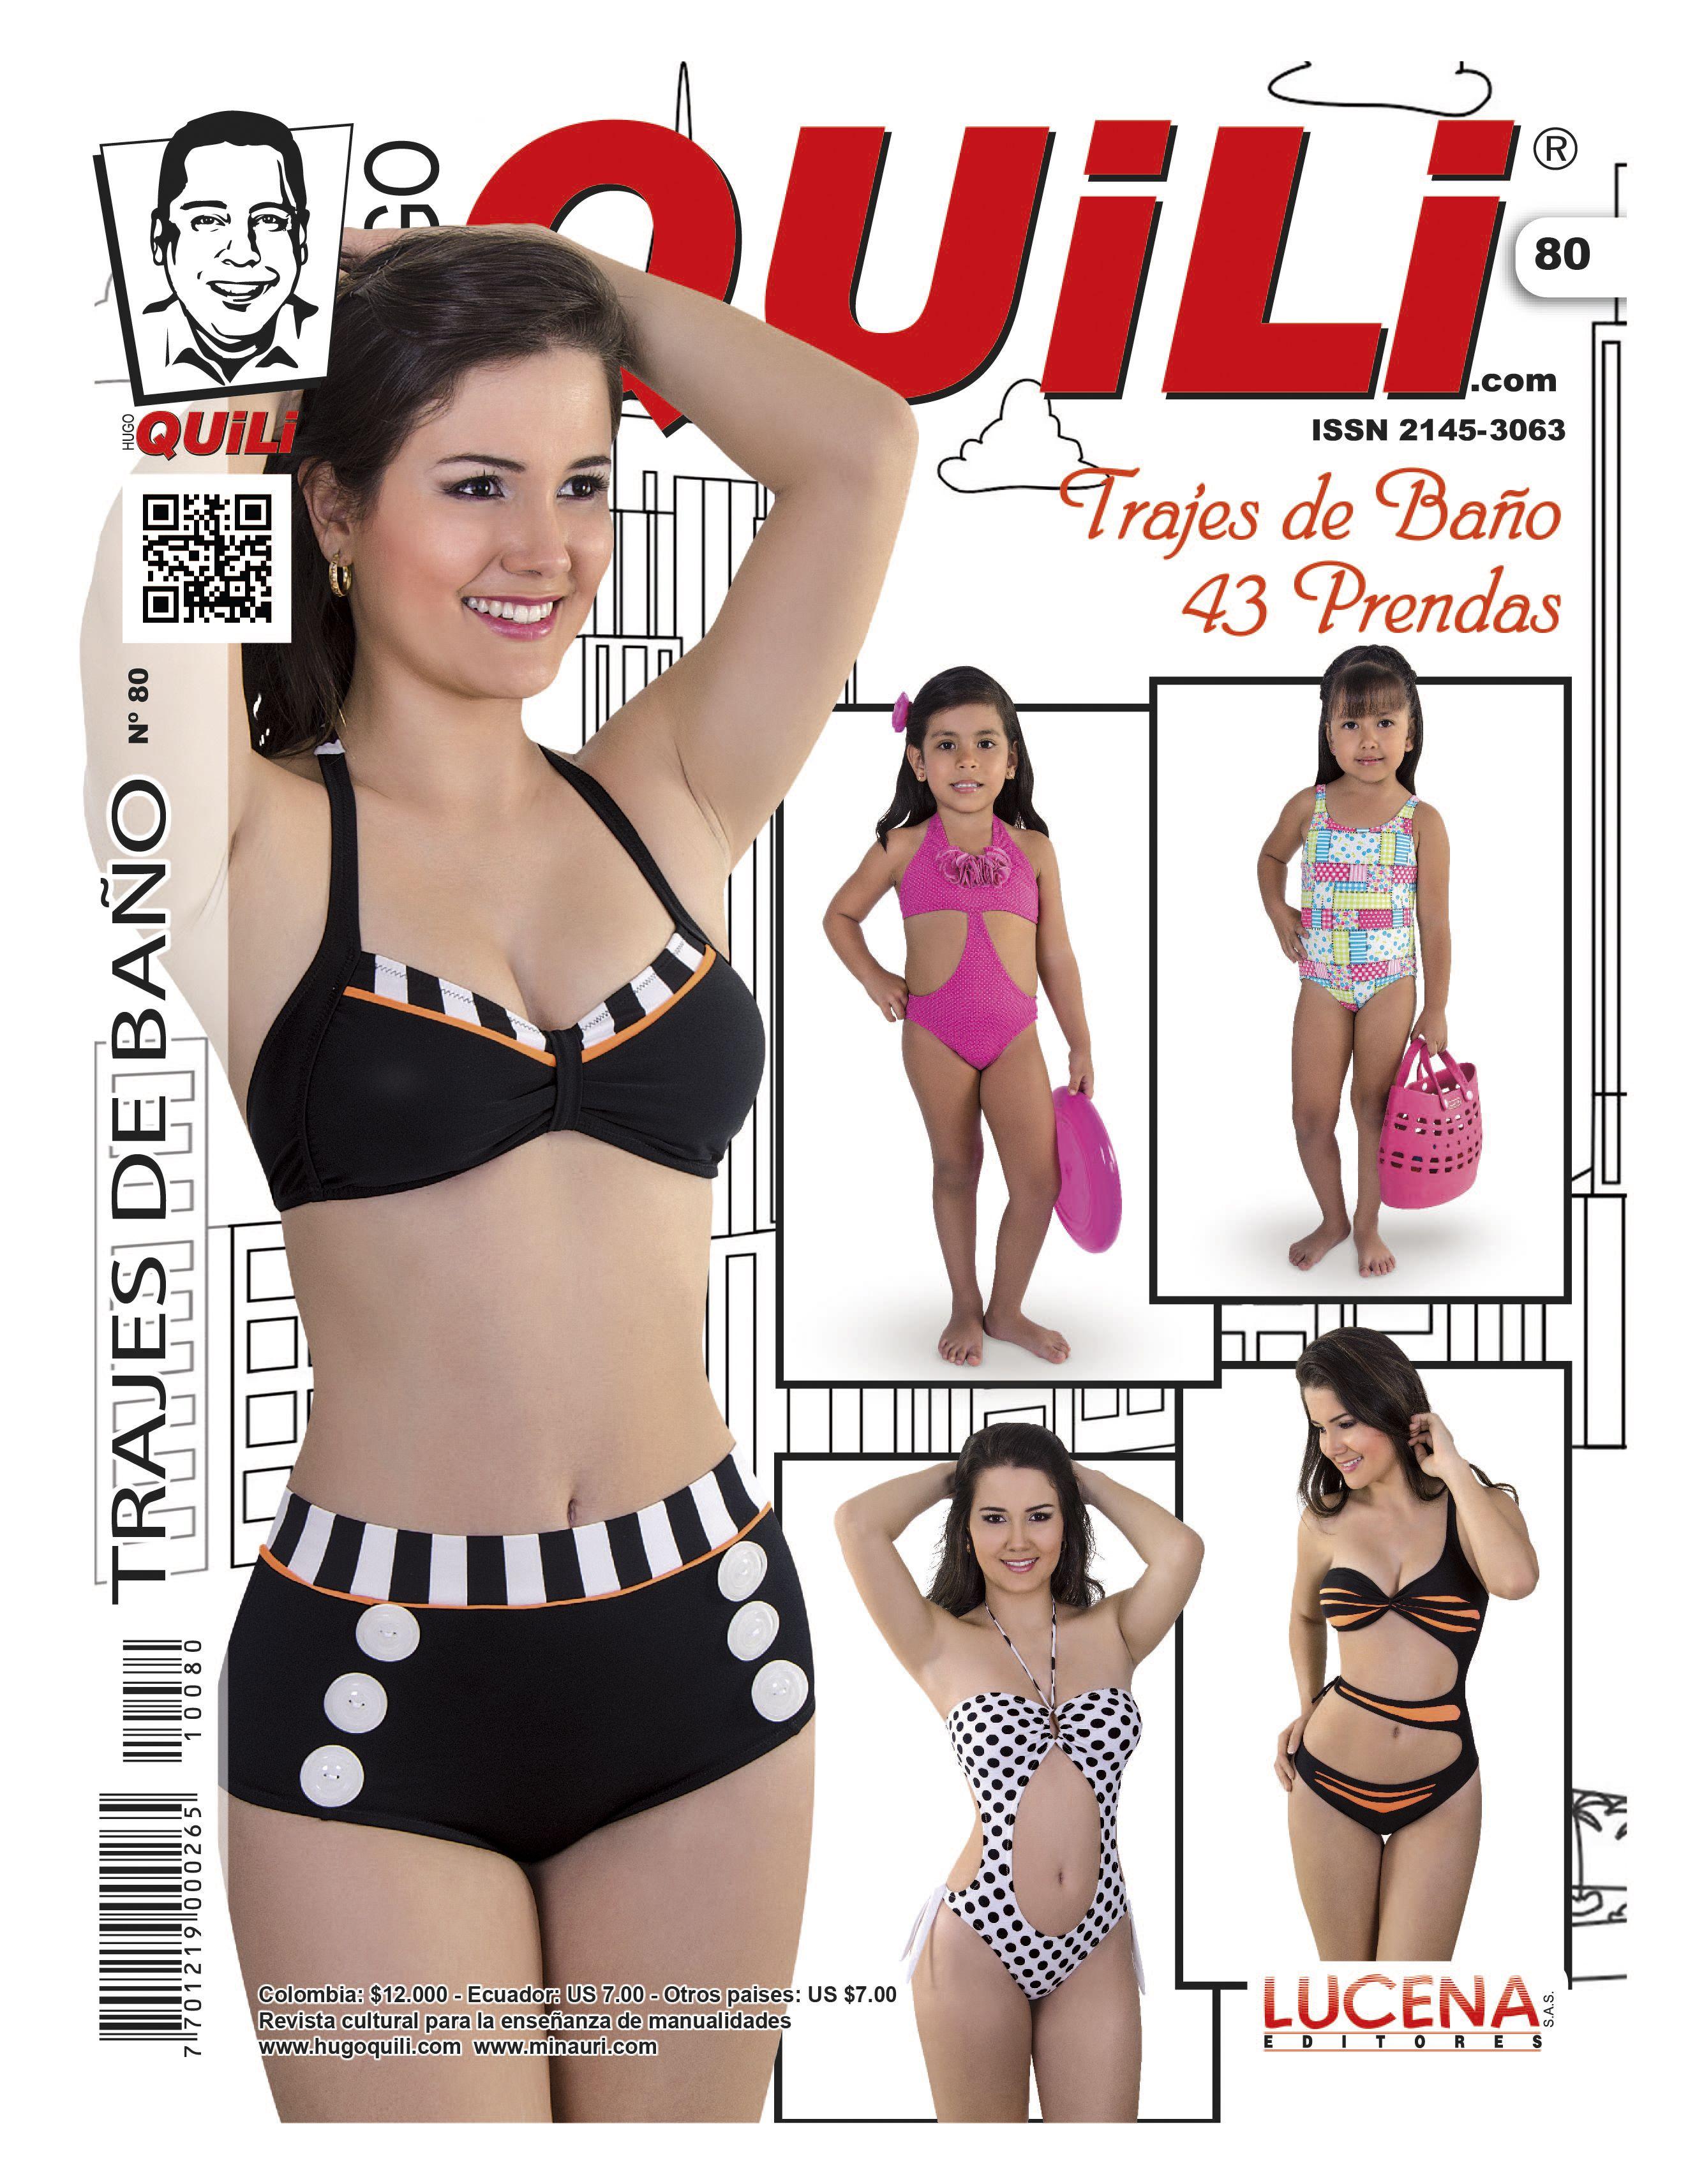 Revista Trajes de Baño No. 80  e4037fd4e3f9